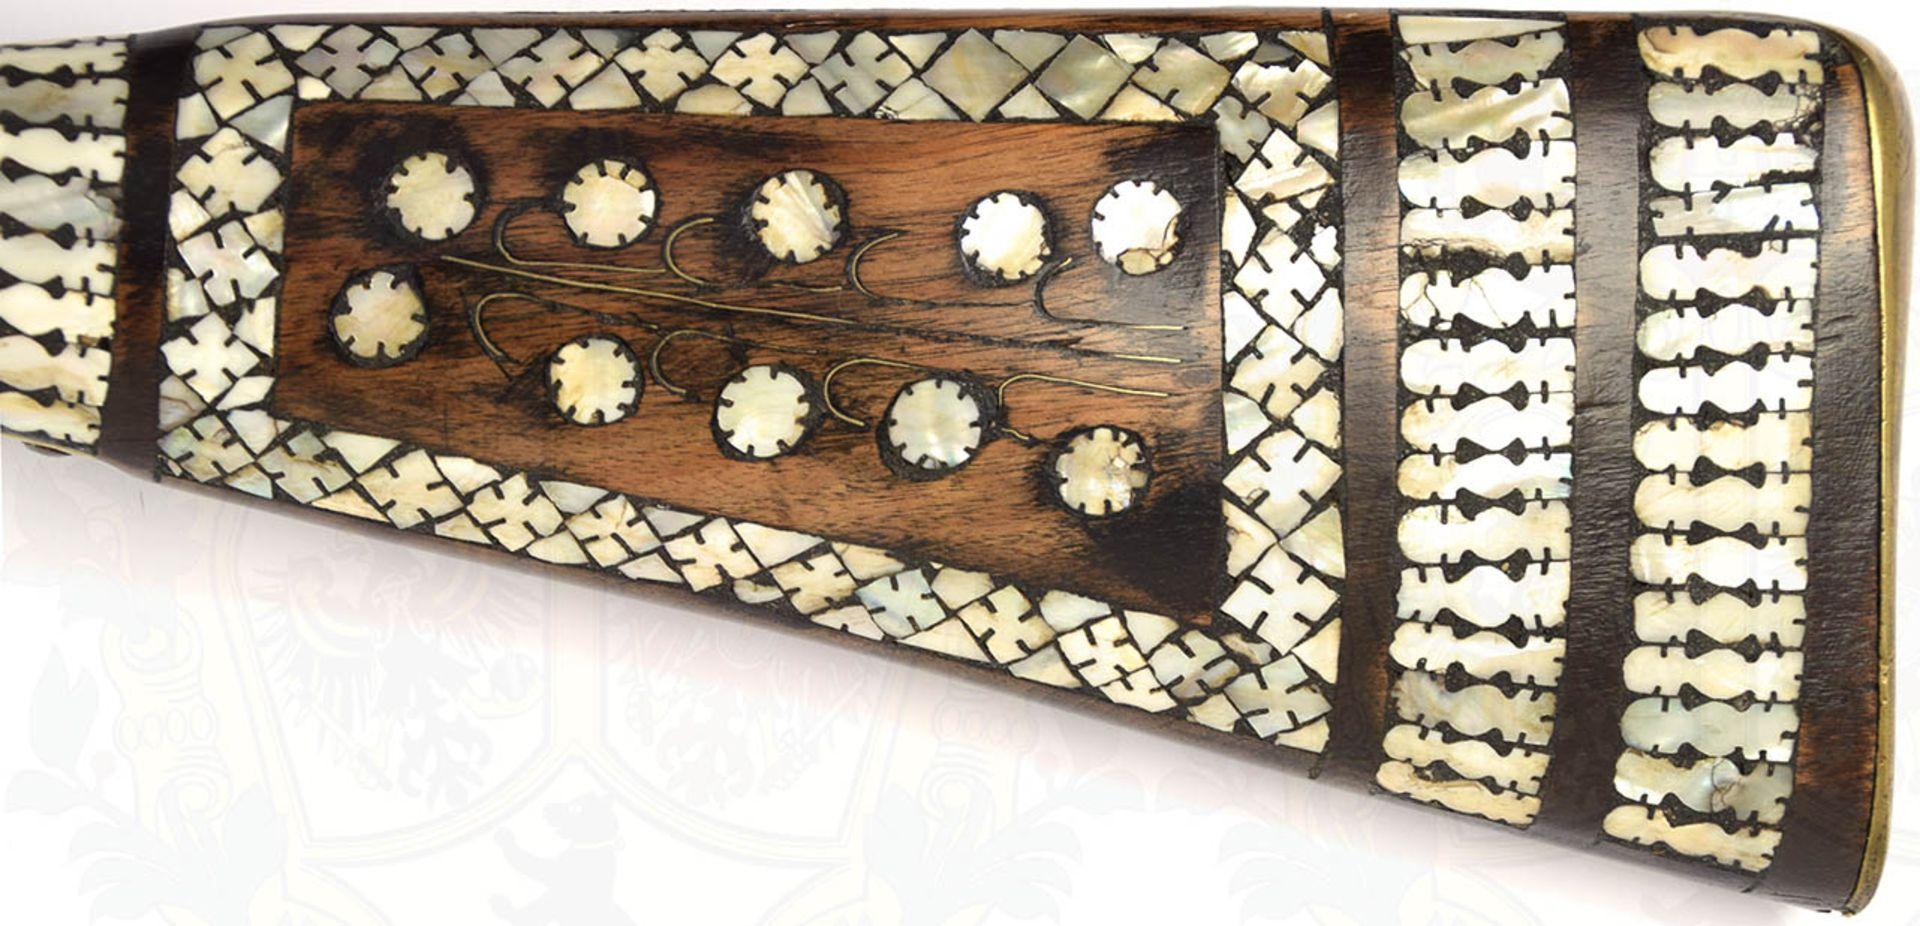 PERKUSSIONSGEWEHR, Arabien 19. Jh., Achtkantlauf, stark geputzt, ergänzte Kimme aus Kupfer, - Bild 5 aus 6